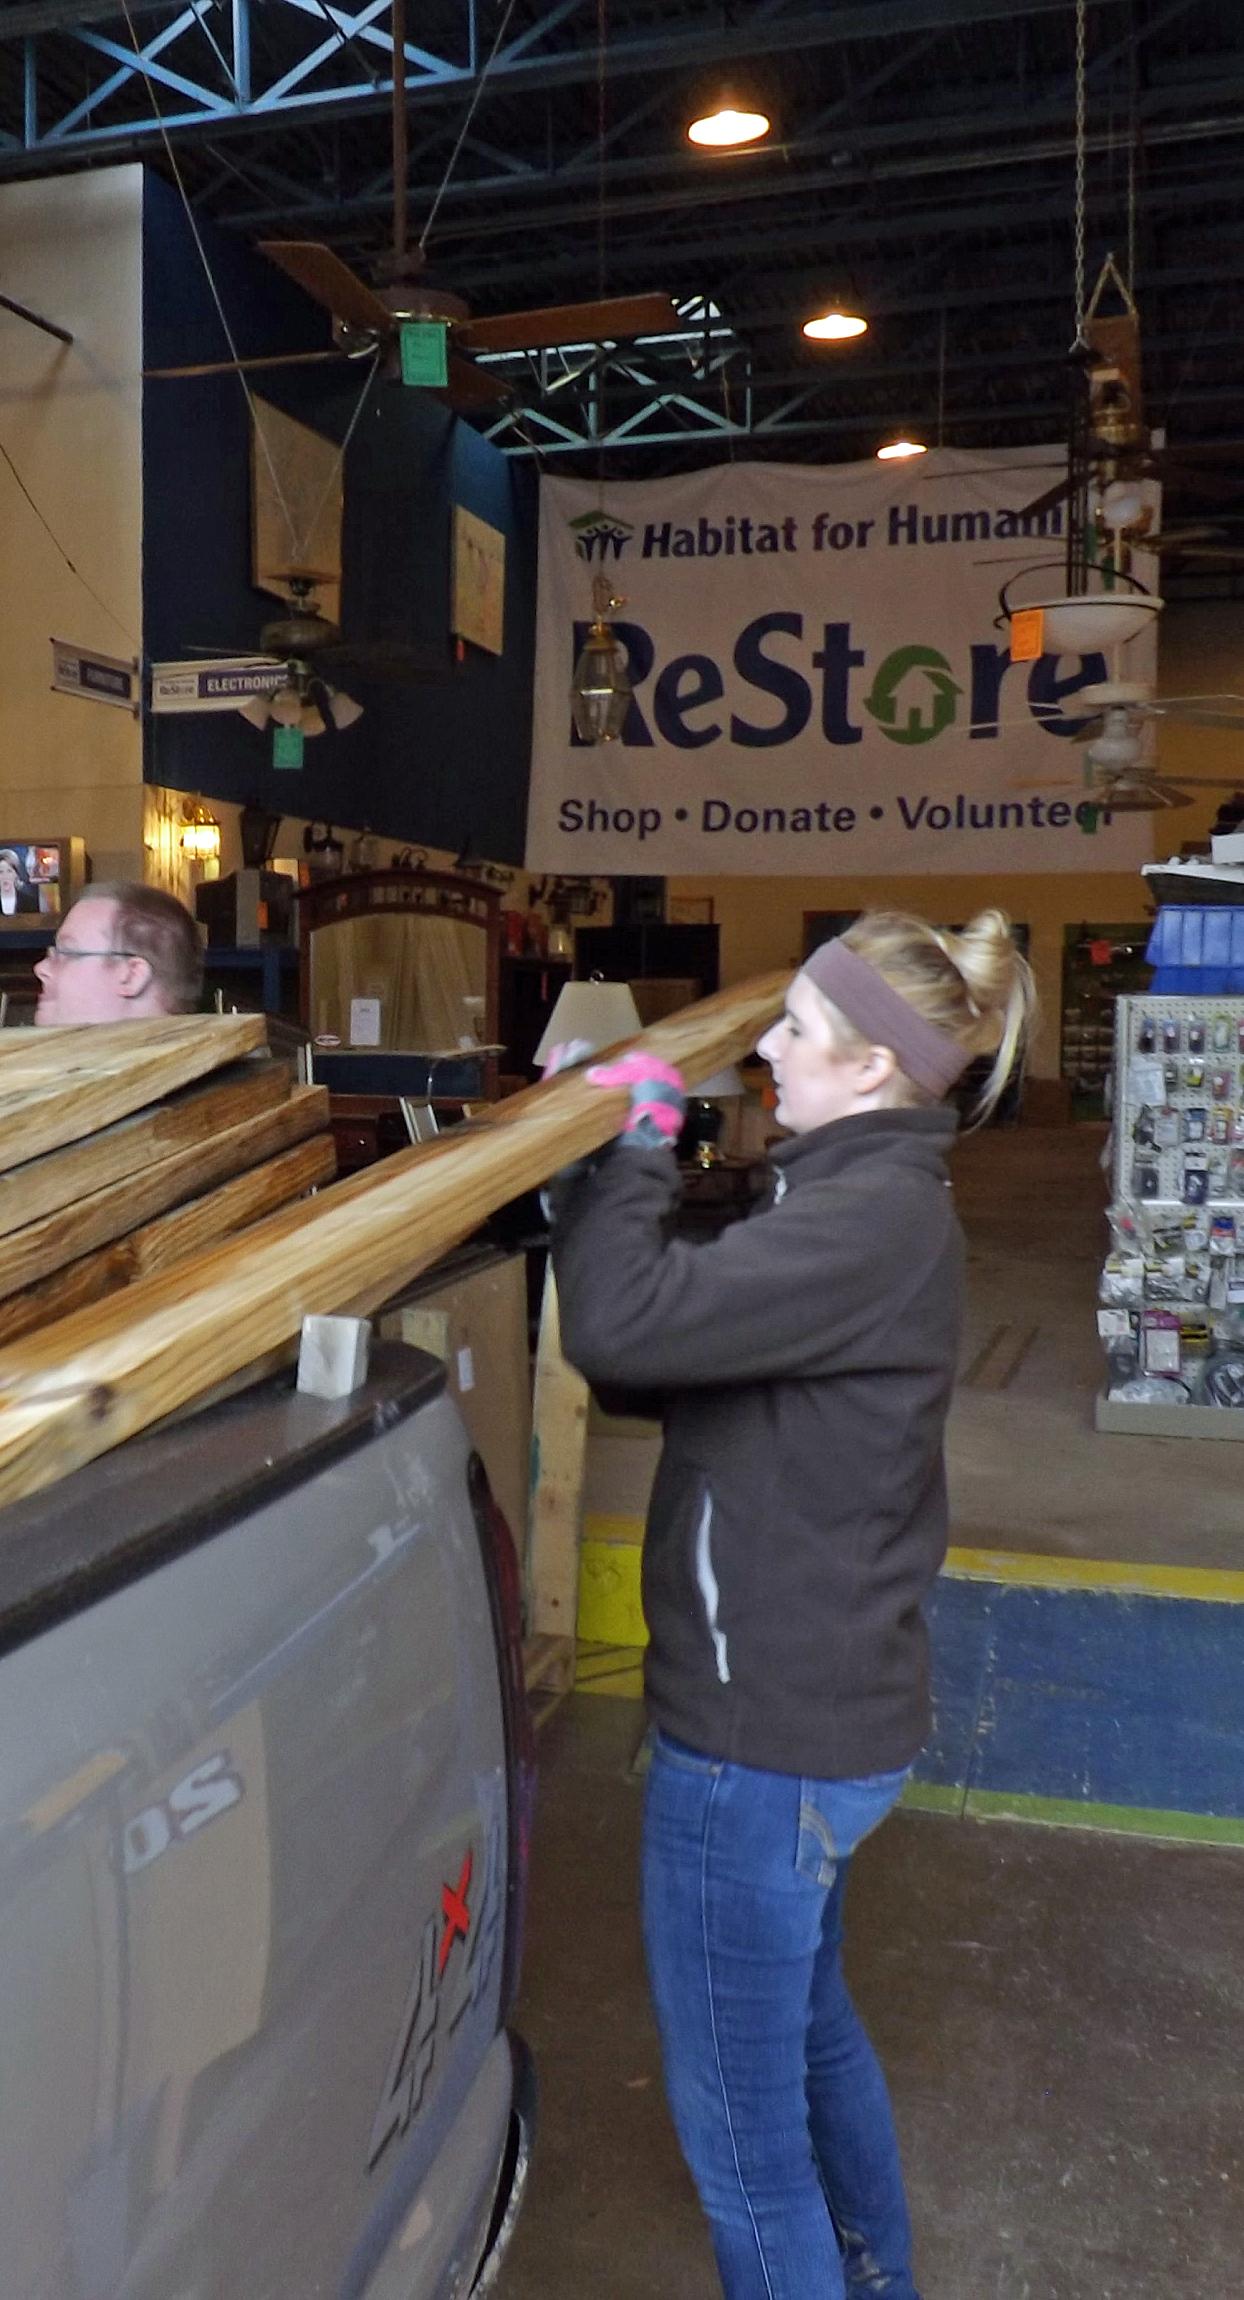 Volunteer Restore1